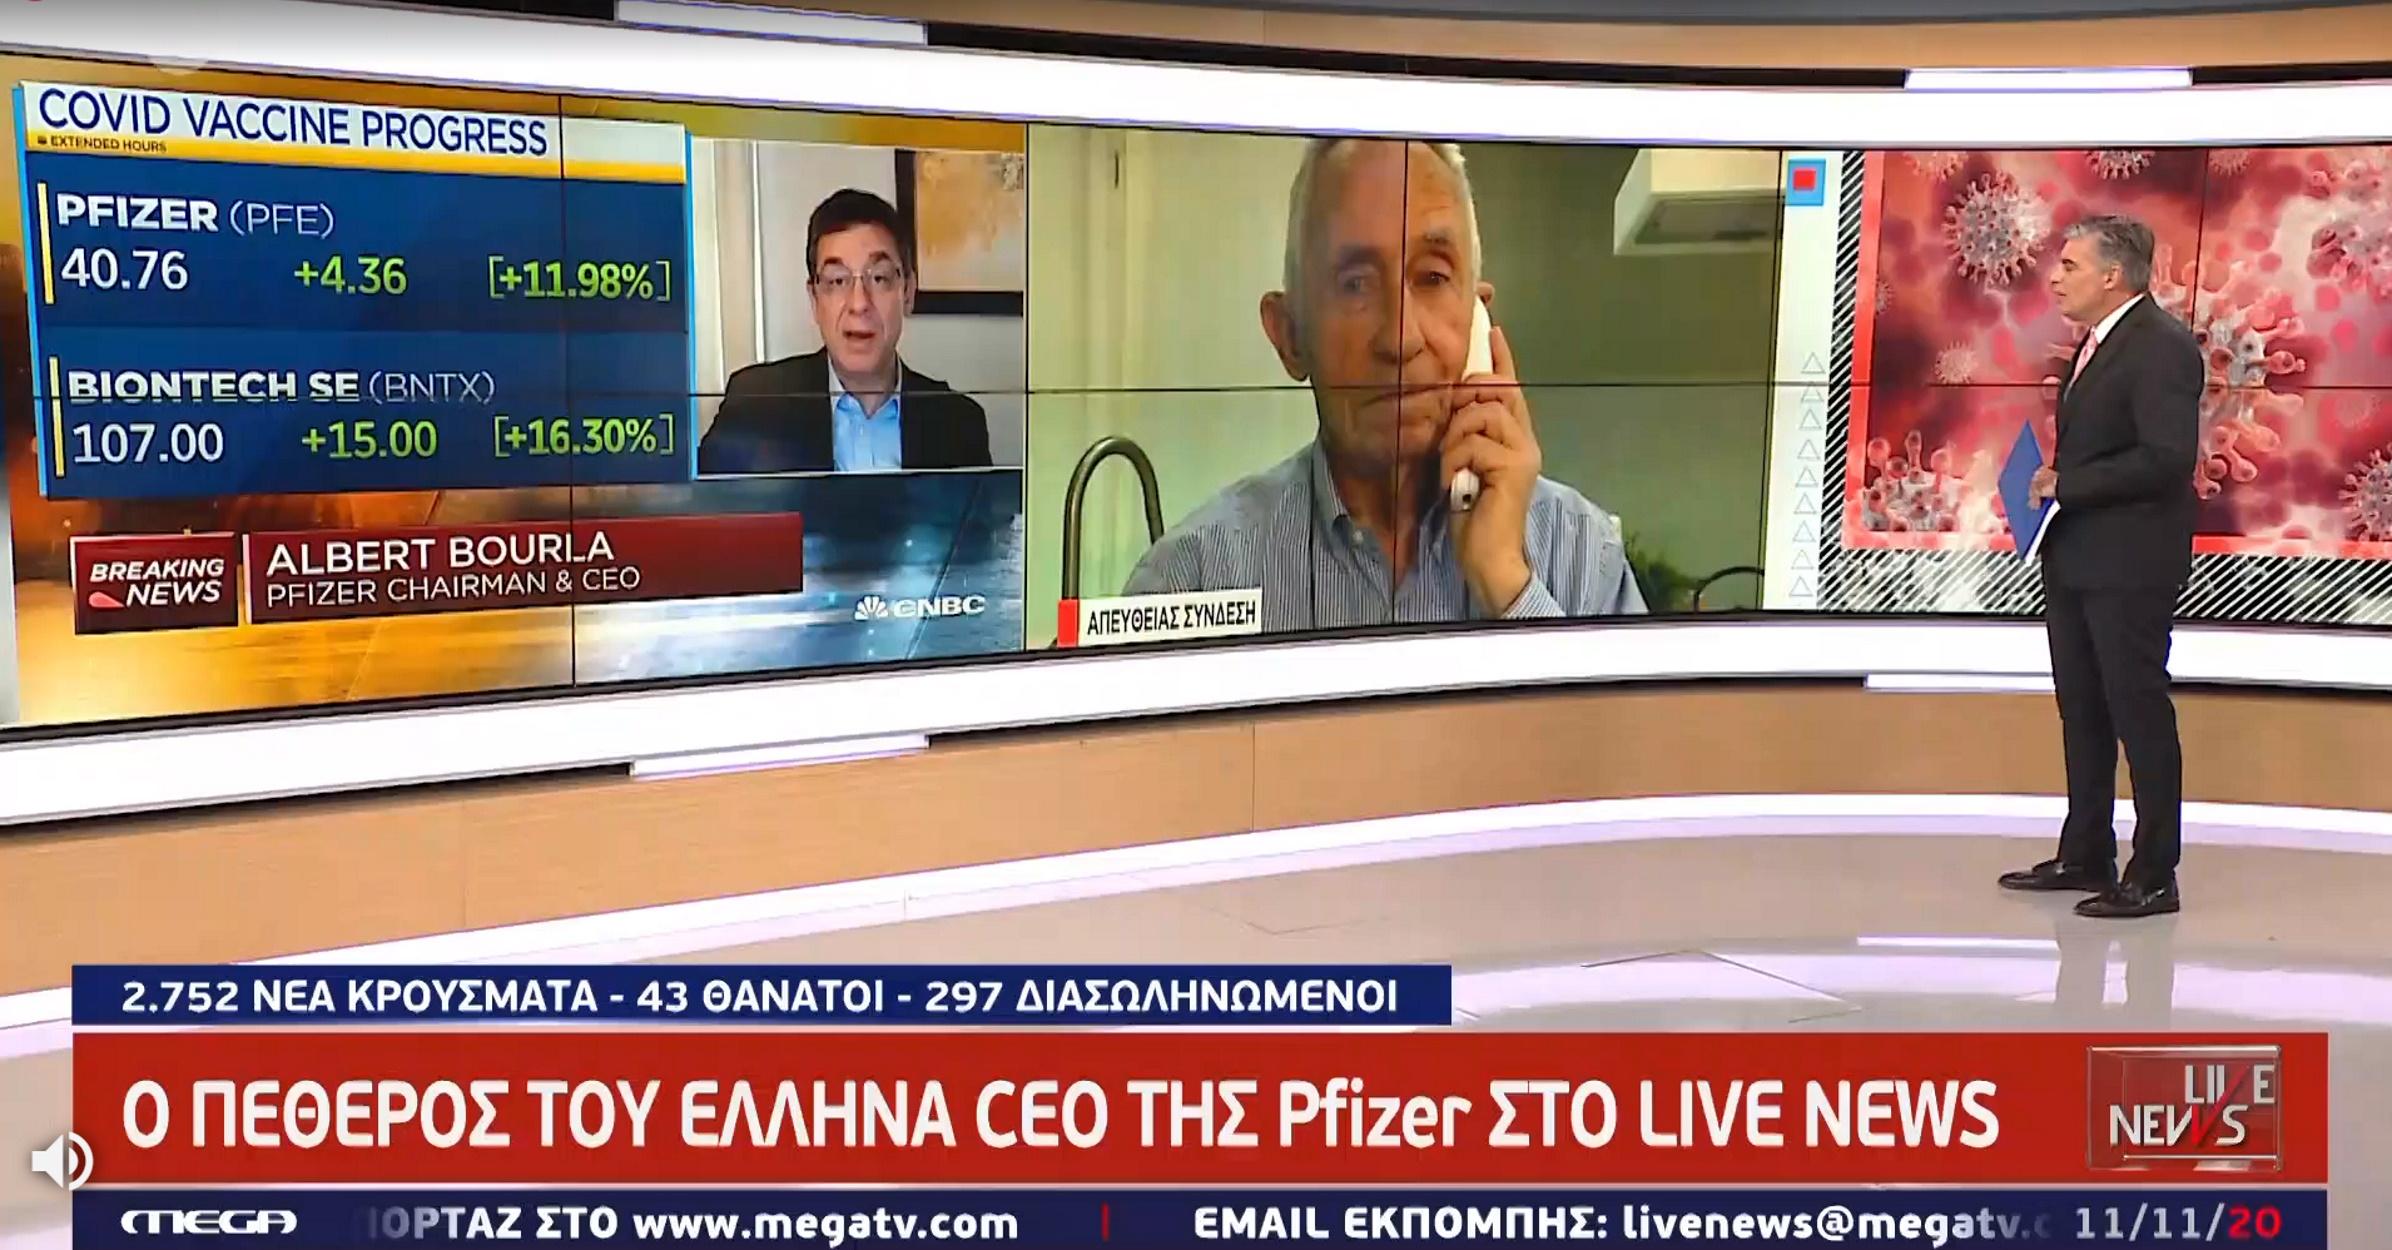 Ο πεθερός του Έλληνα CEO της Pfizer στο Live News: Αμέσως θα κάνω το εμβόλιο του γαμπρού μου (video)